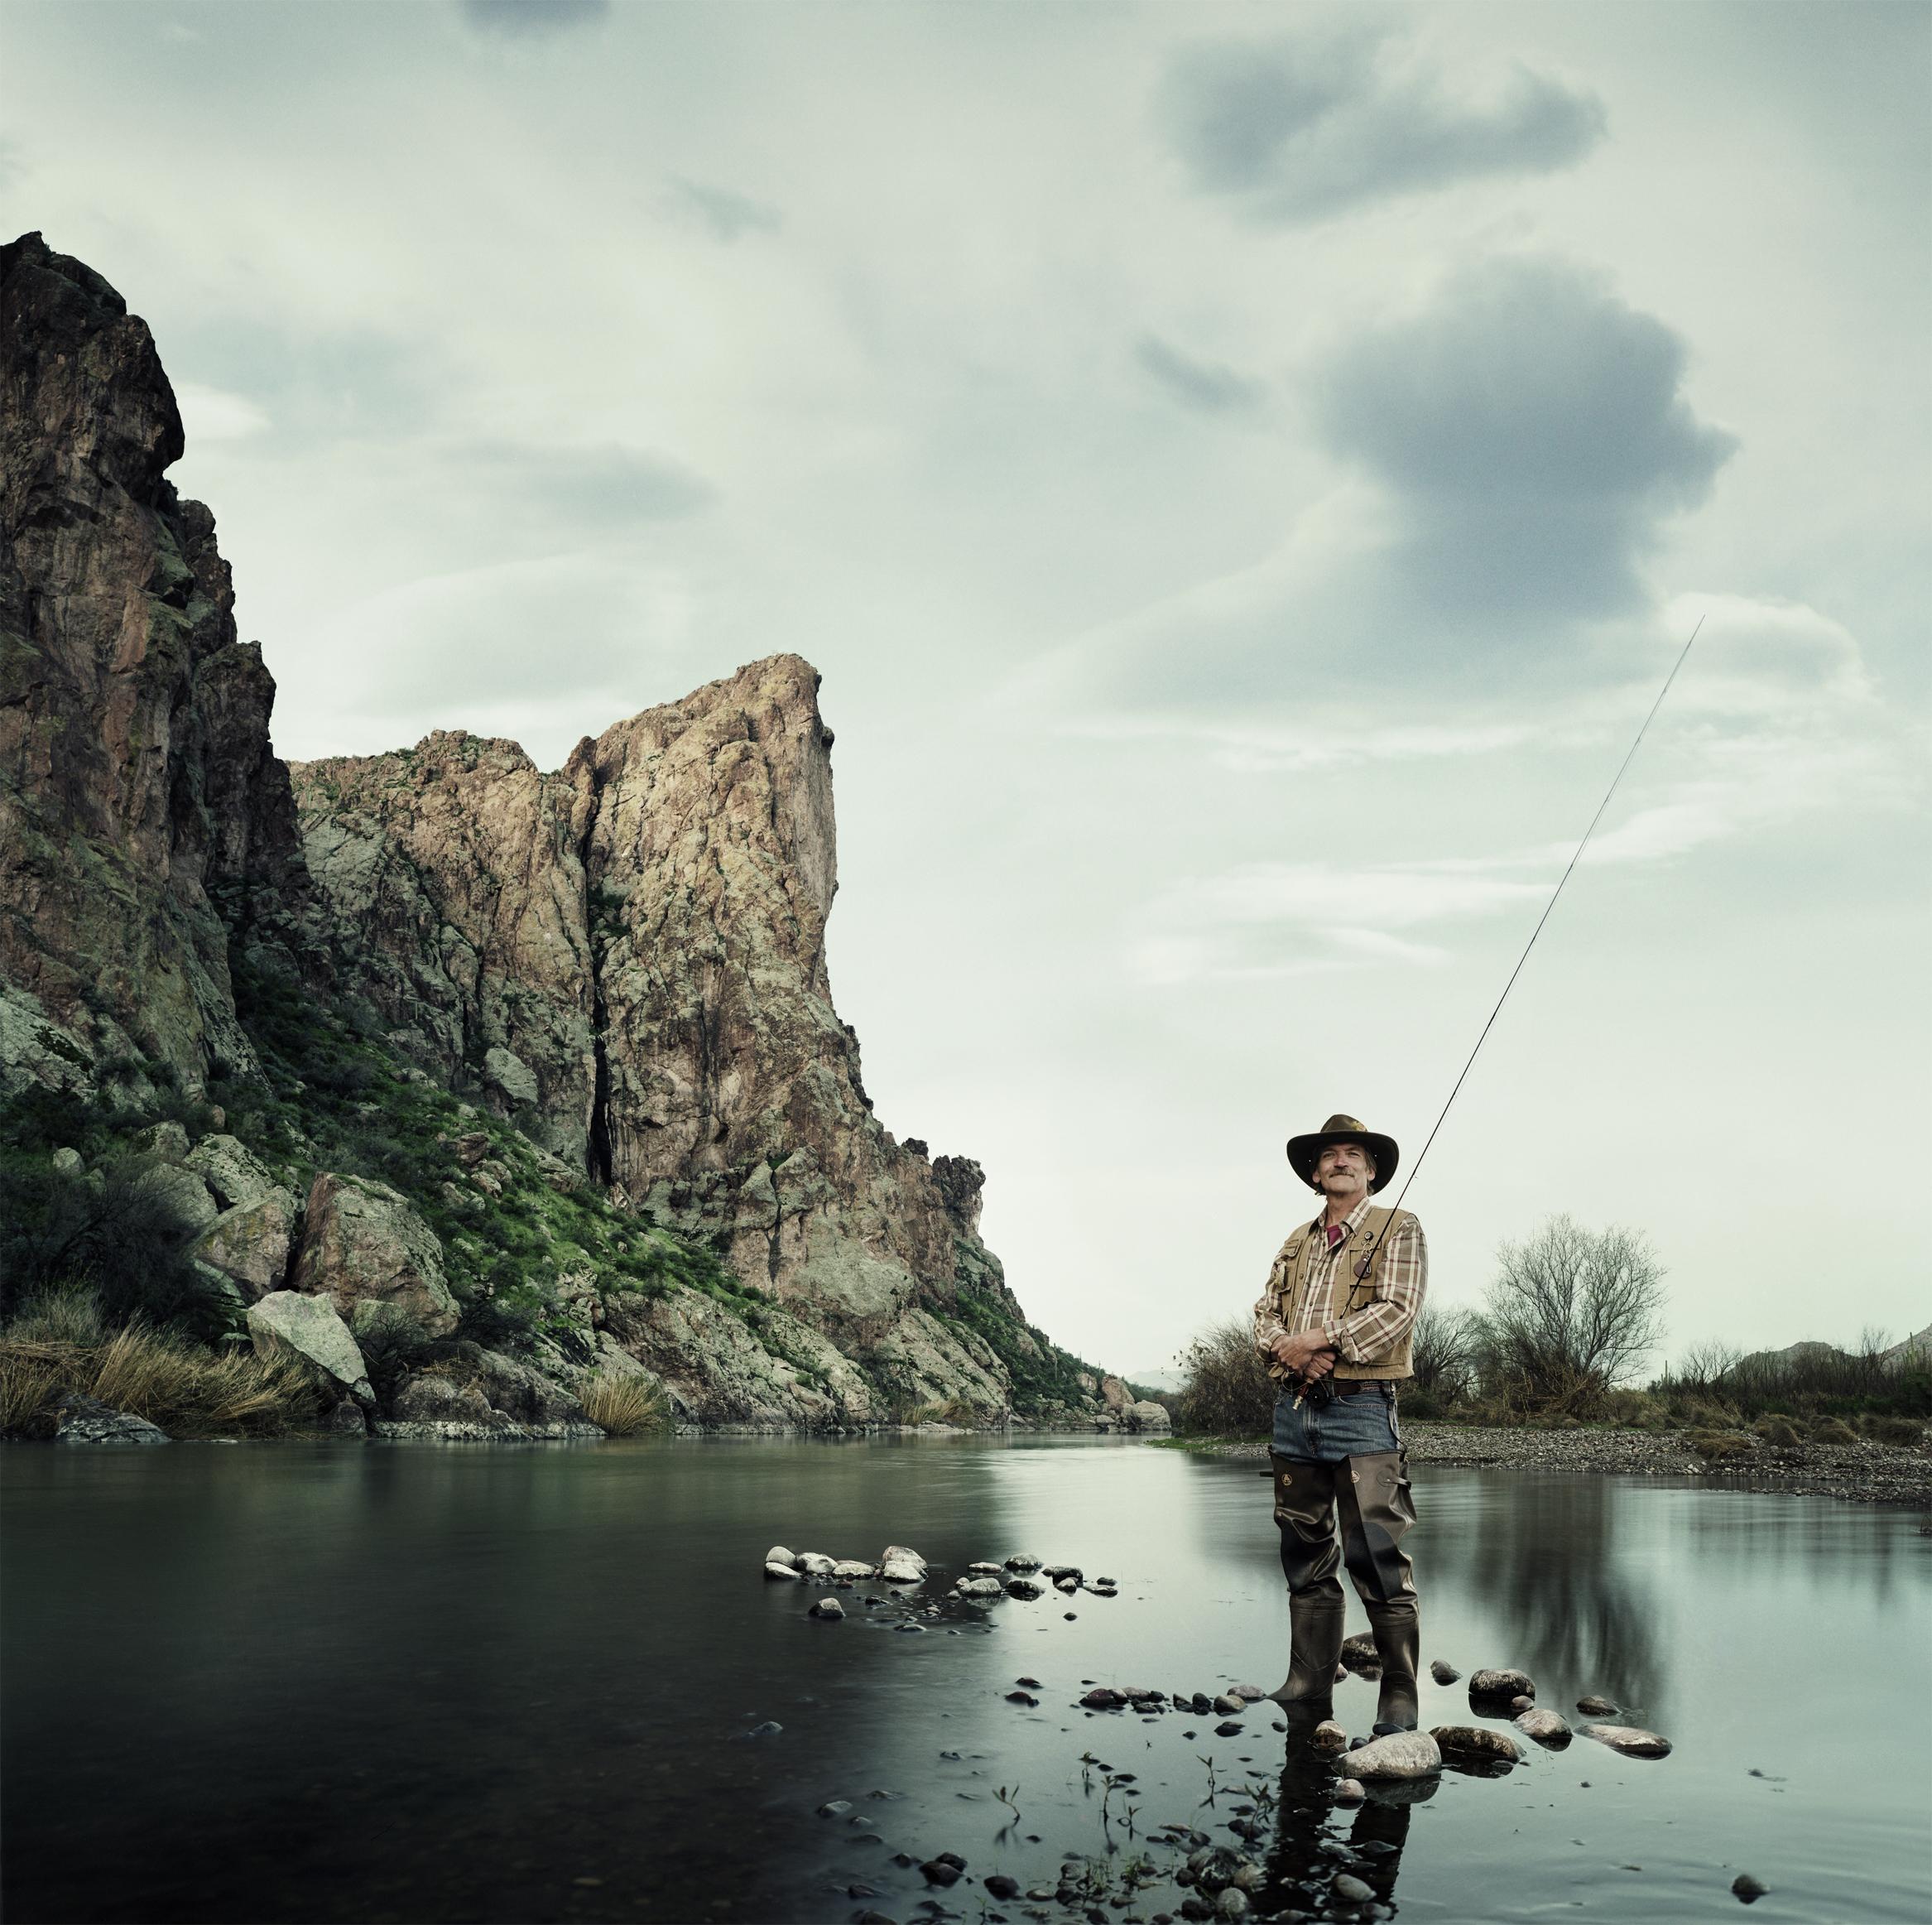 Almas_Fly_fishing.jpg